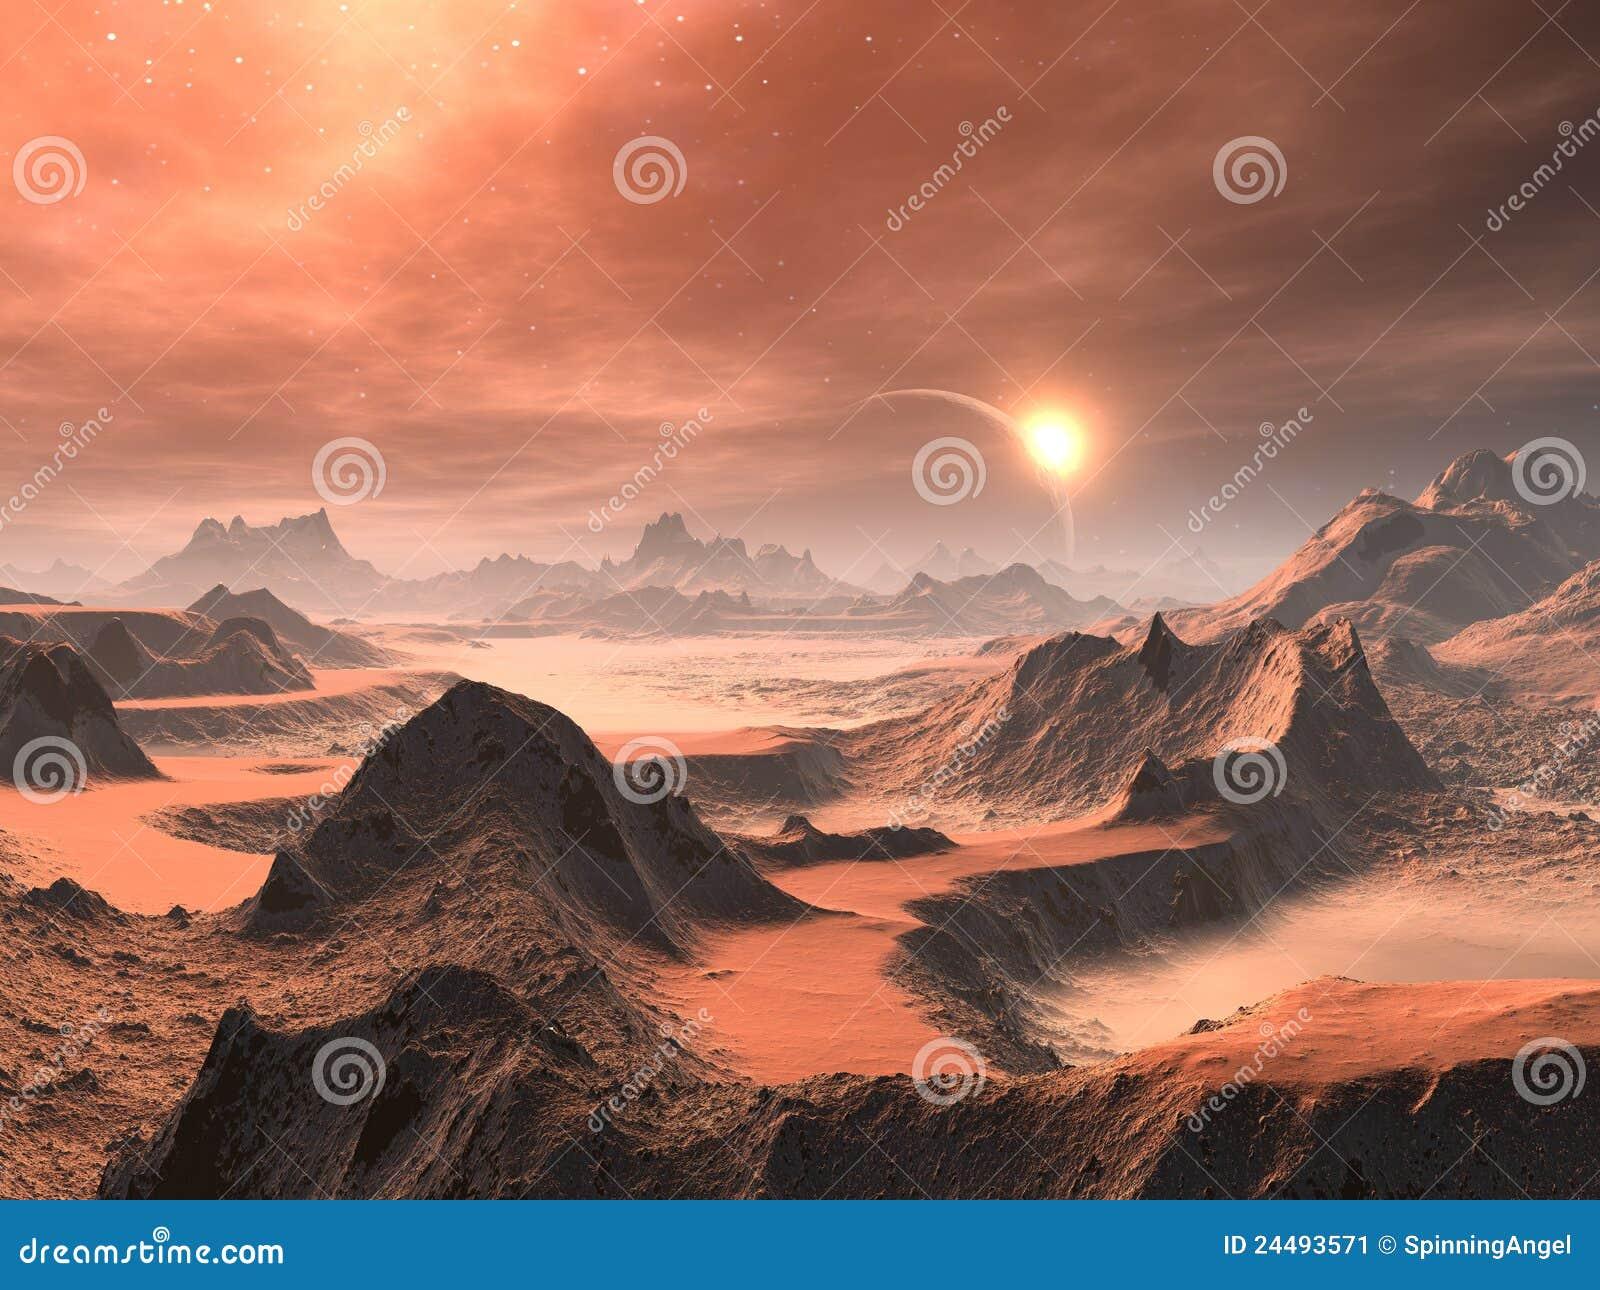 Alien Desert Sunrise